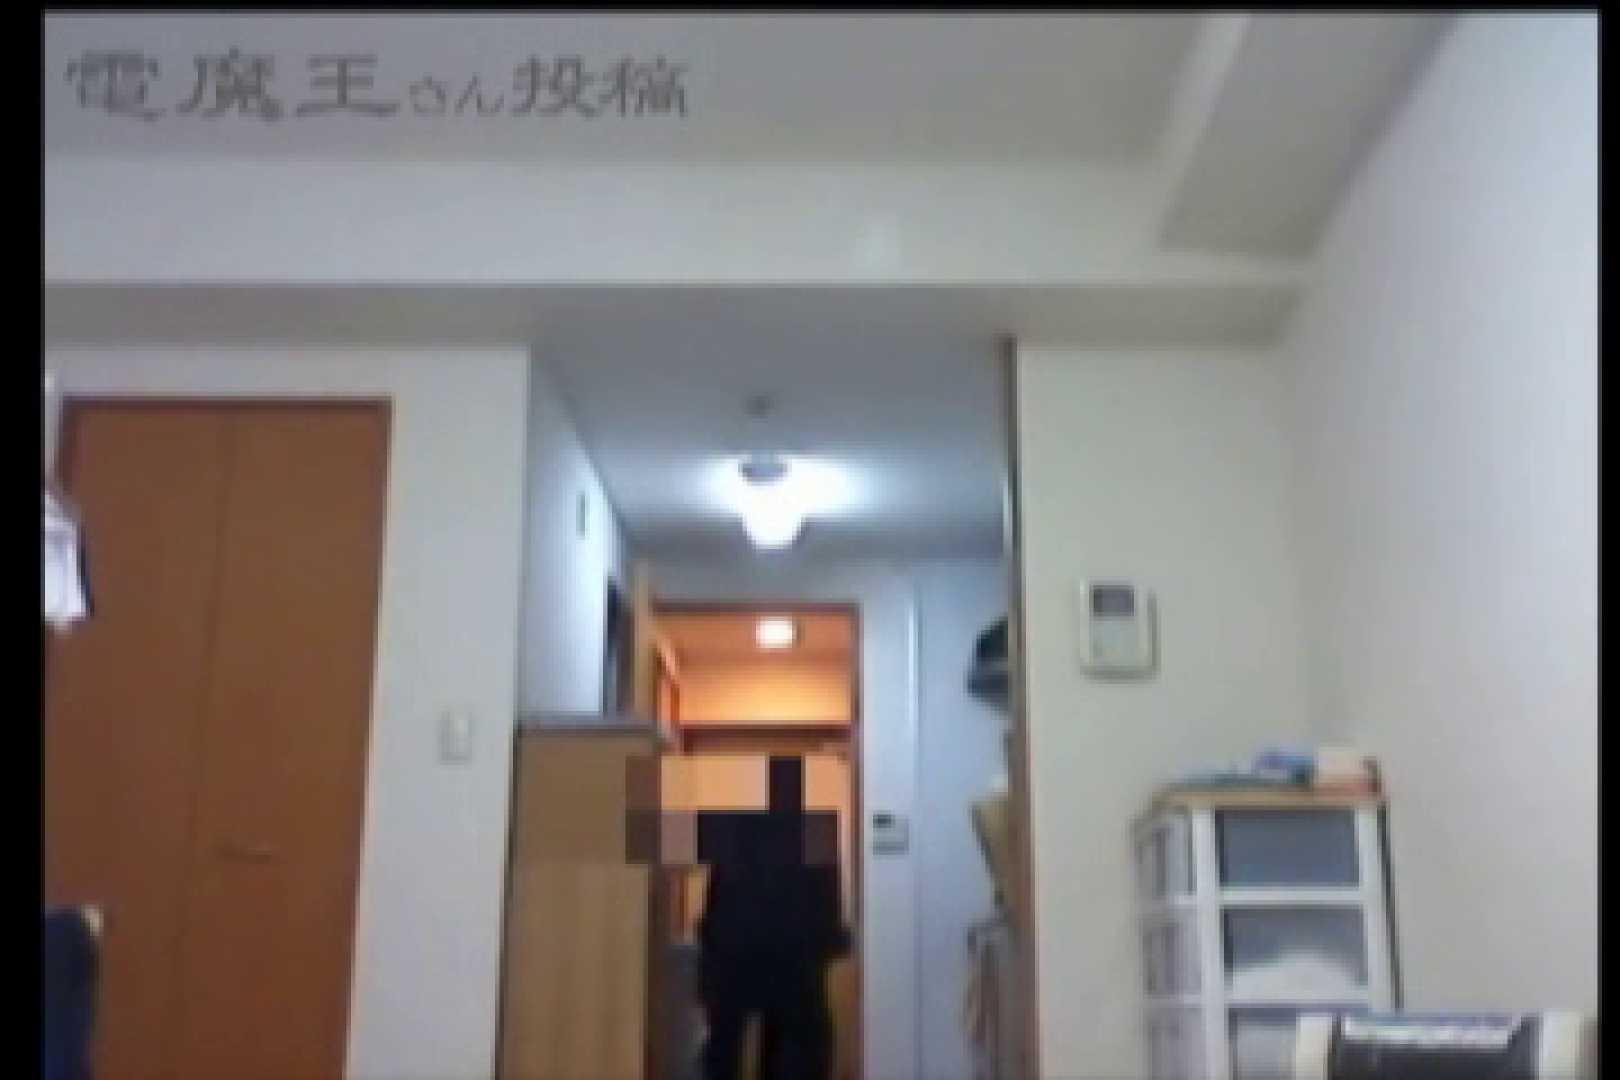 電魔王さんの「隠撮の部屋」ミーナ 隠撮 すけべAV動画紹介 105pic 2